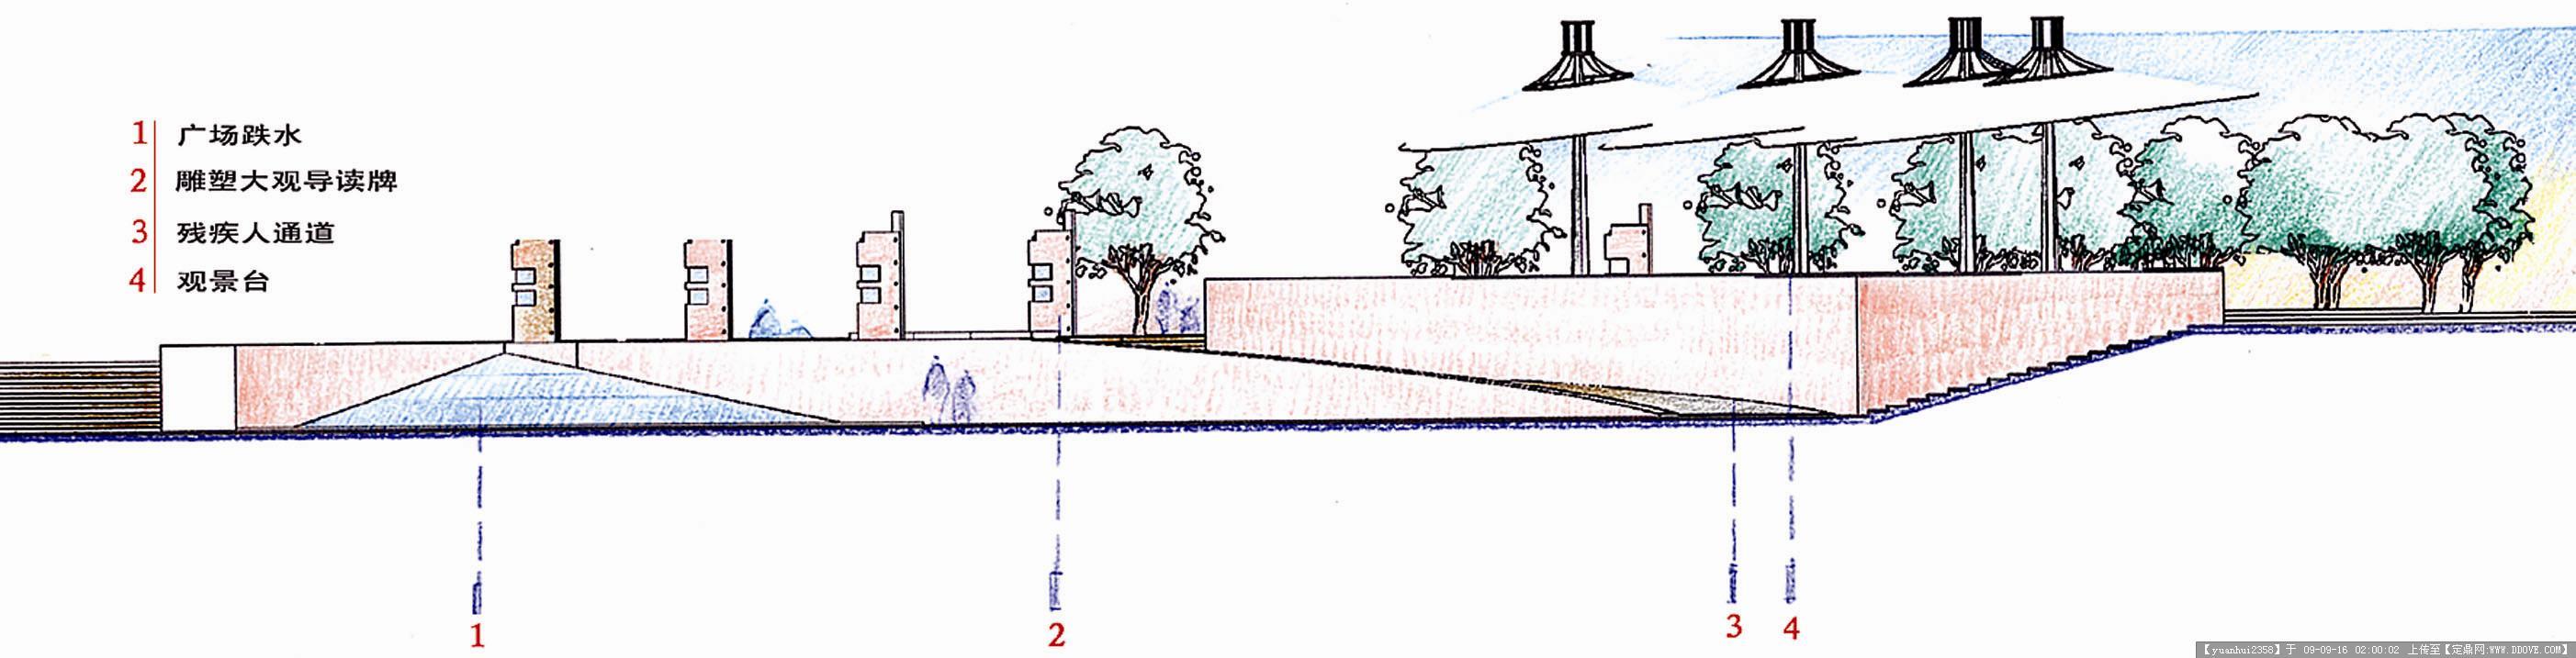 广州番禺星海文化广场体育公园景观-1观景篷剖面.